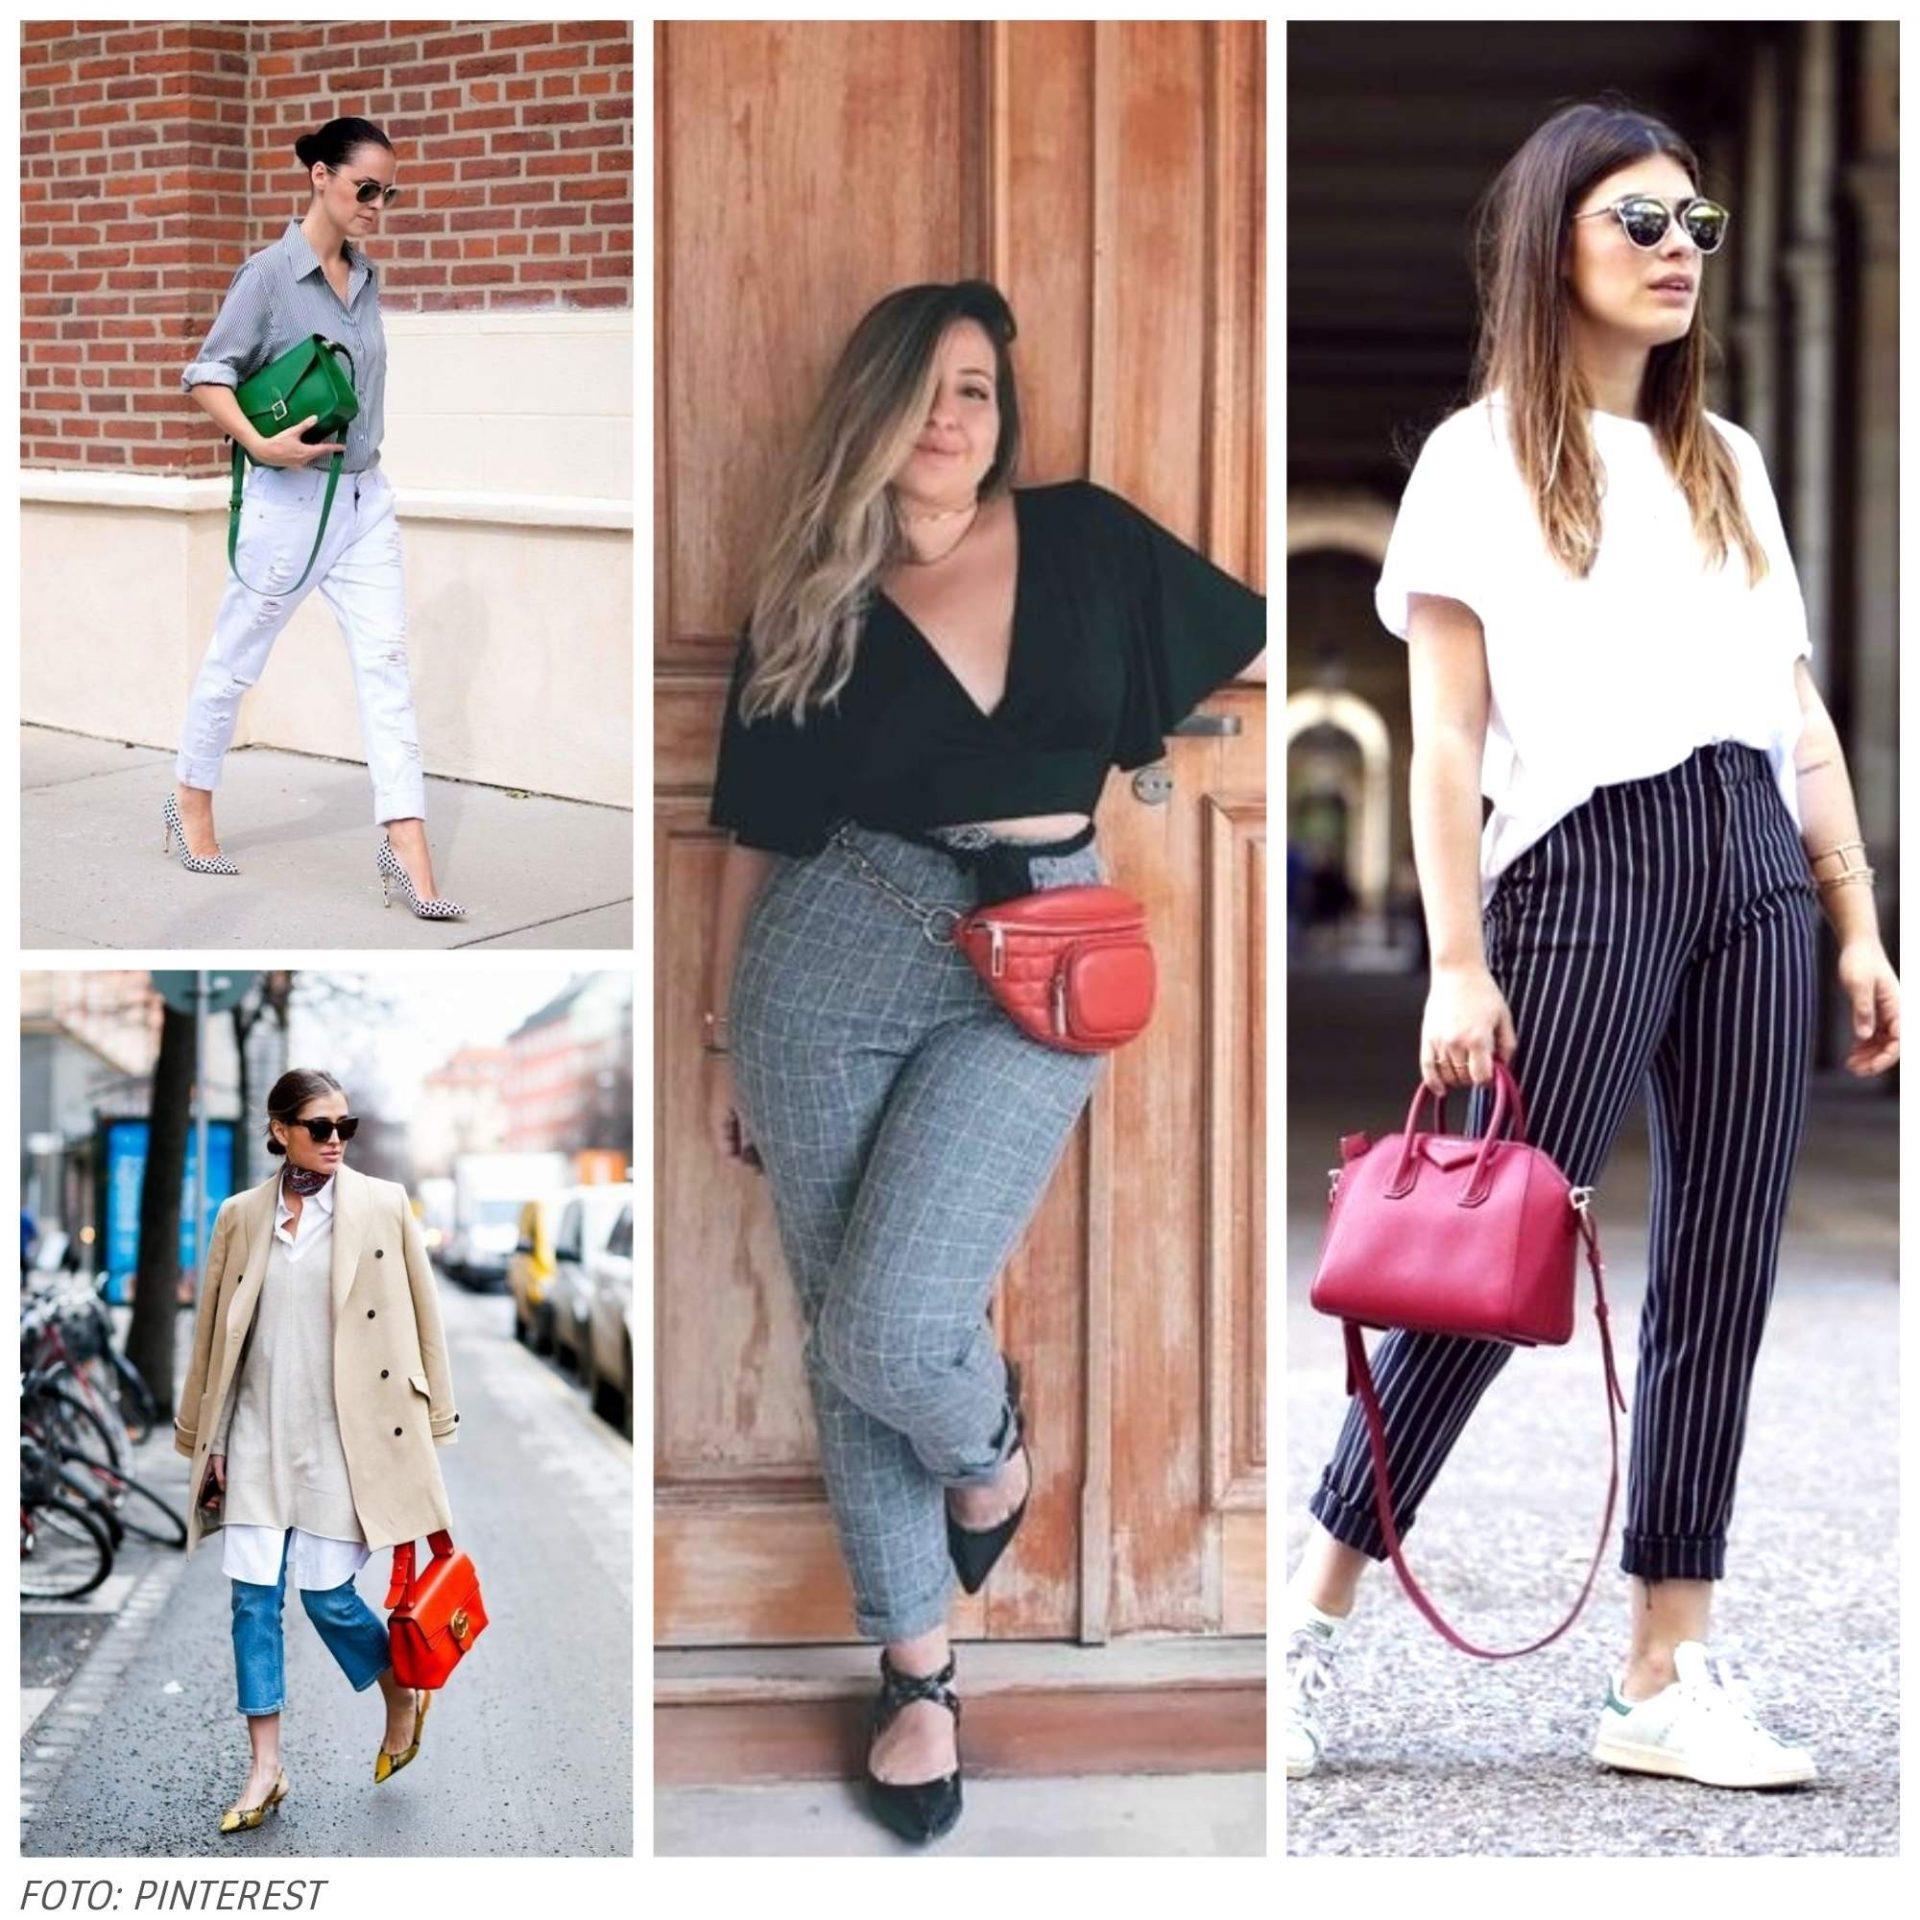 pontos de cor 44 1 - Ponto de cor: um truque rápido para os dias de preguiça fashion